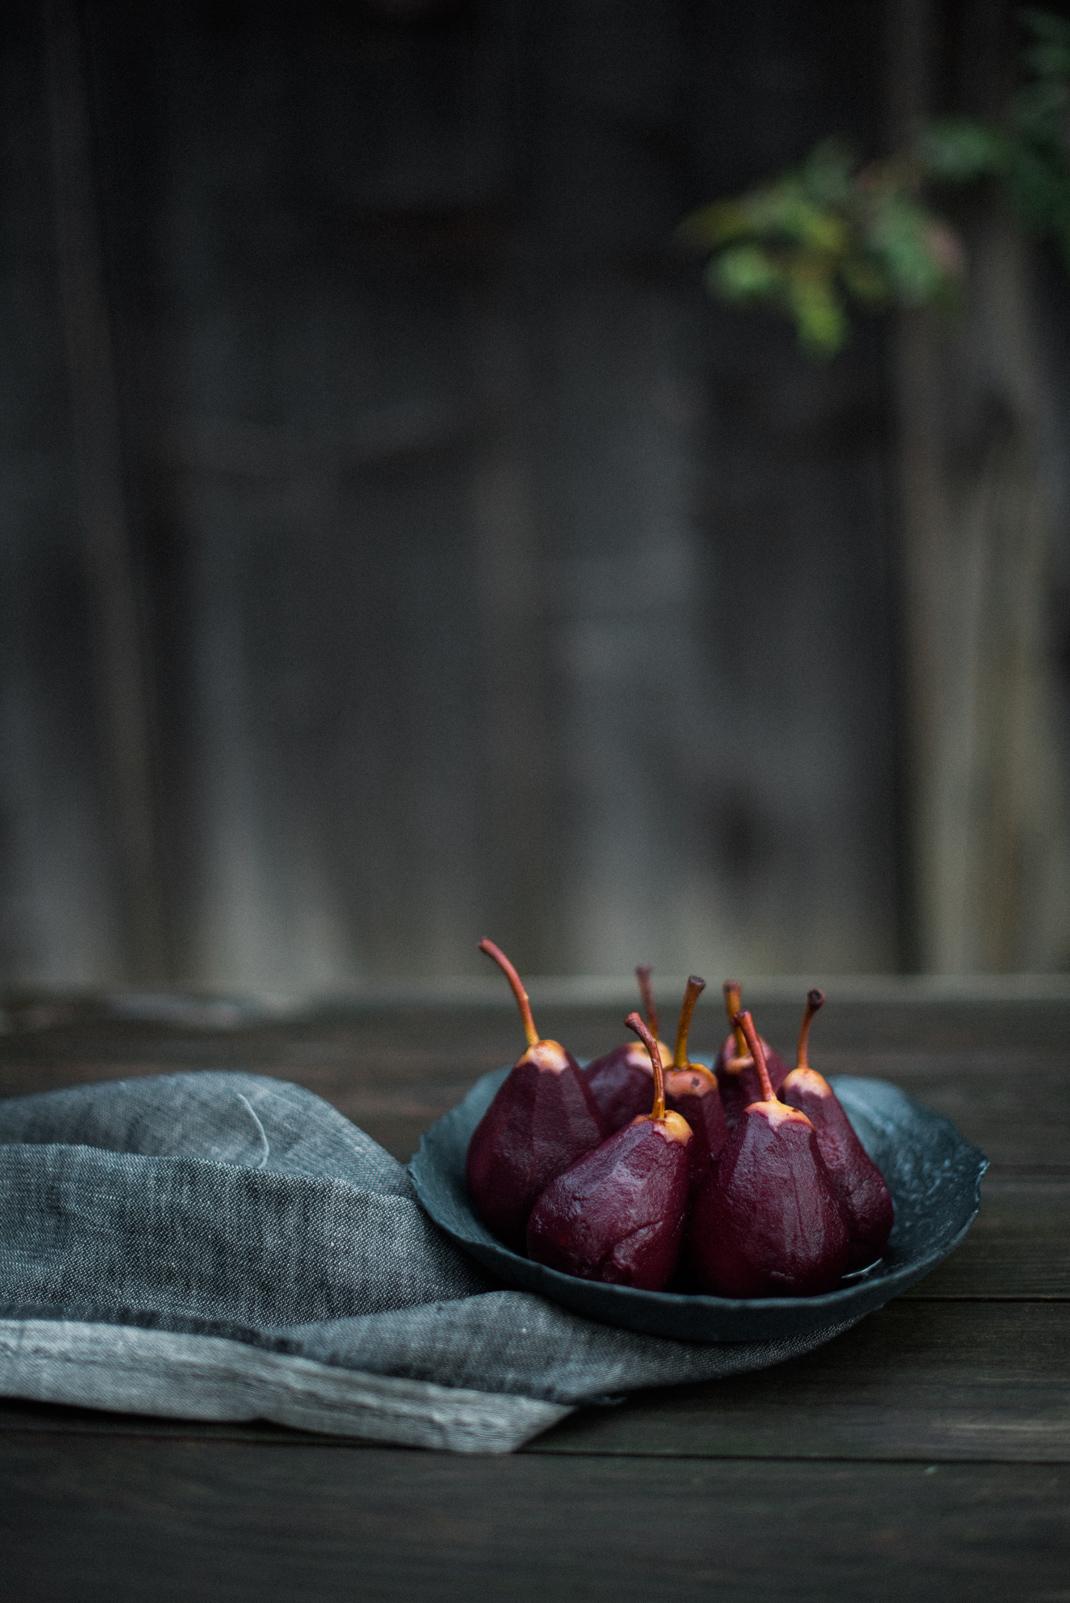 schokolade rotwein kuchen mit herrlich duftenden rotwein birnen silvia fischer silvia fischer. Black Bedroom Furniture Sets. Home Design Ideas